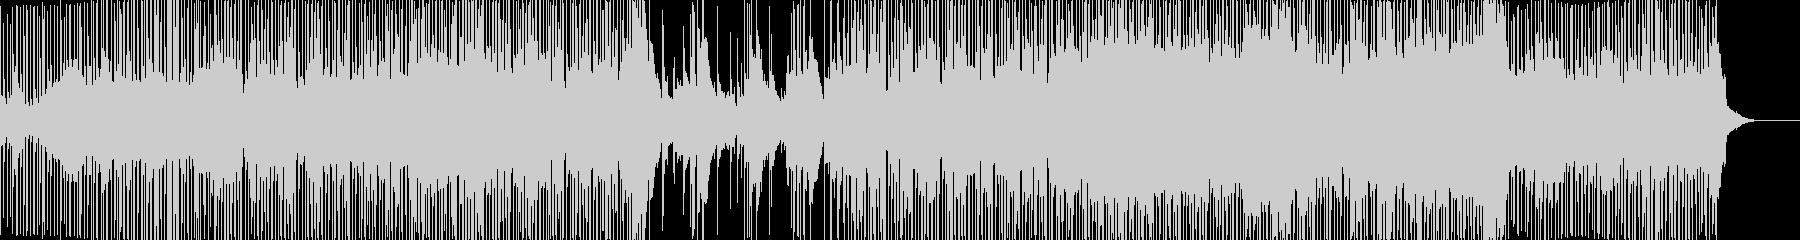 三味線とロックを融合した和テイストな楽曲の未再生の波形